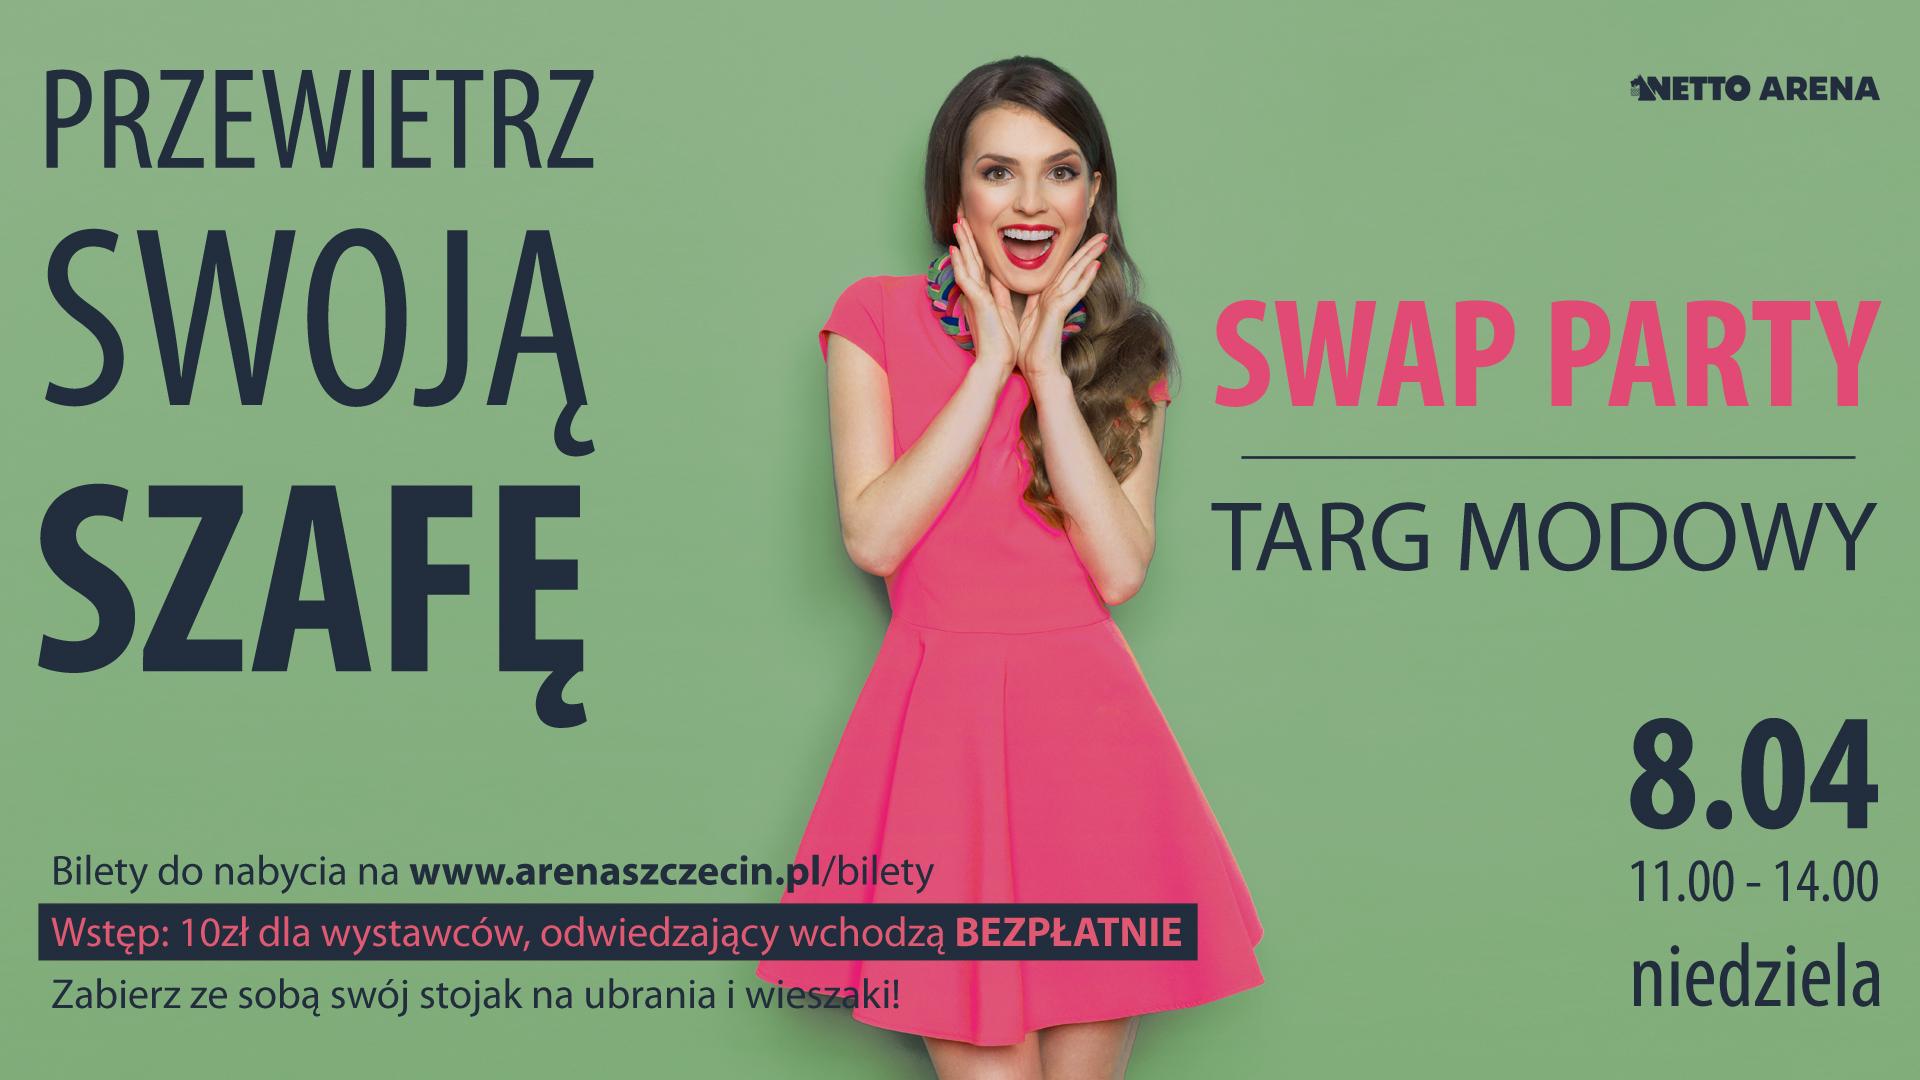 Swap Party – Targ modowy